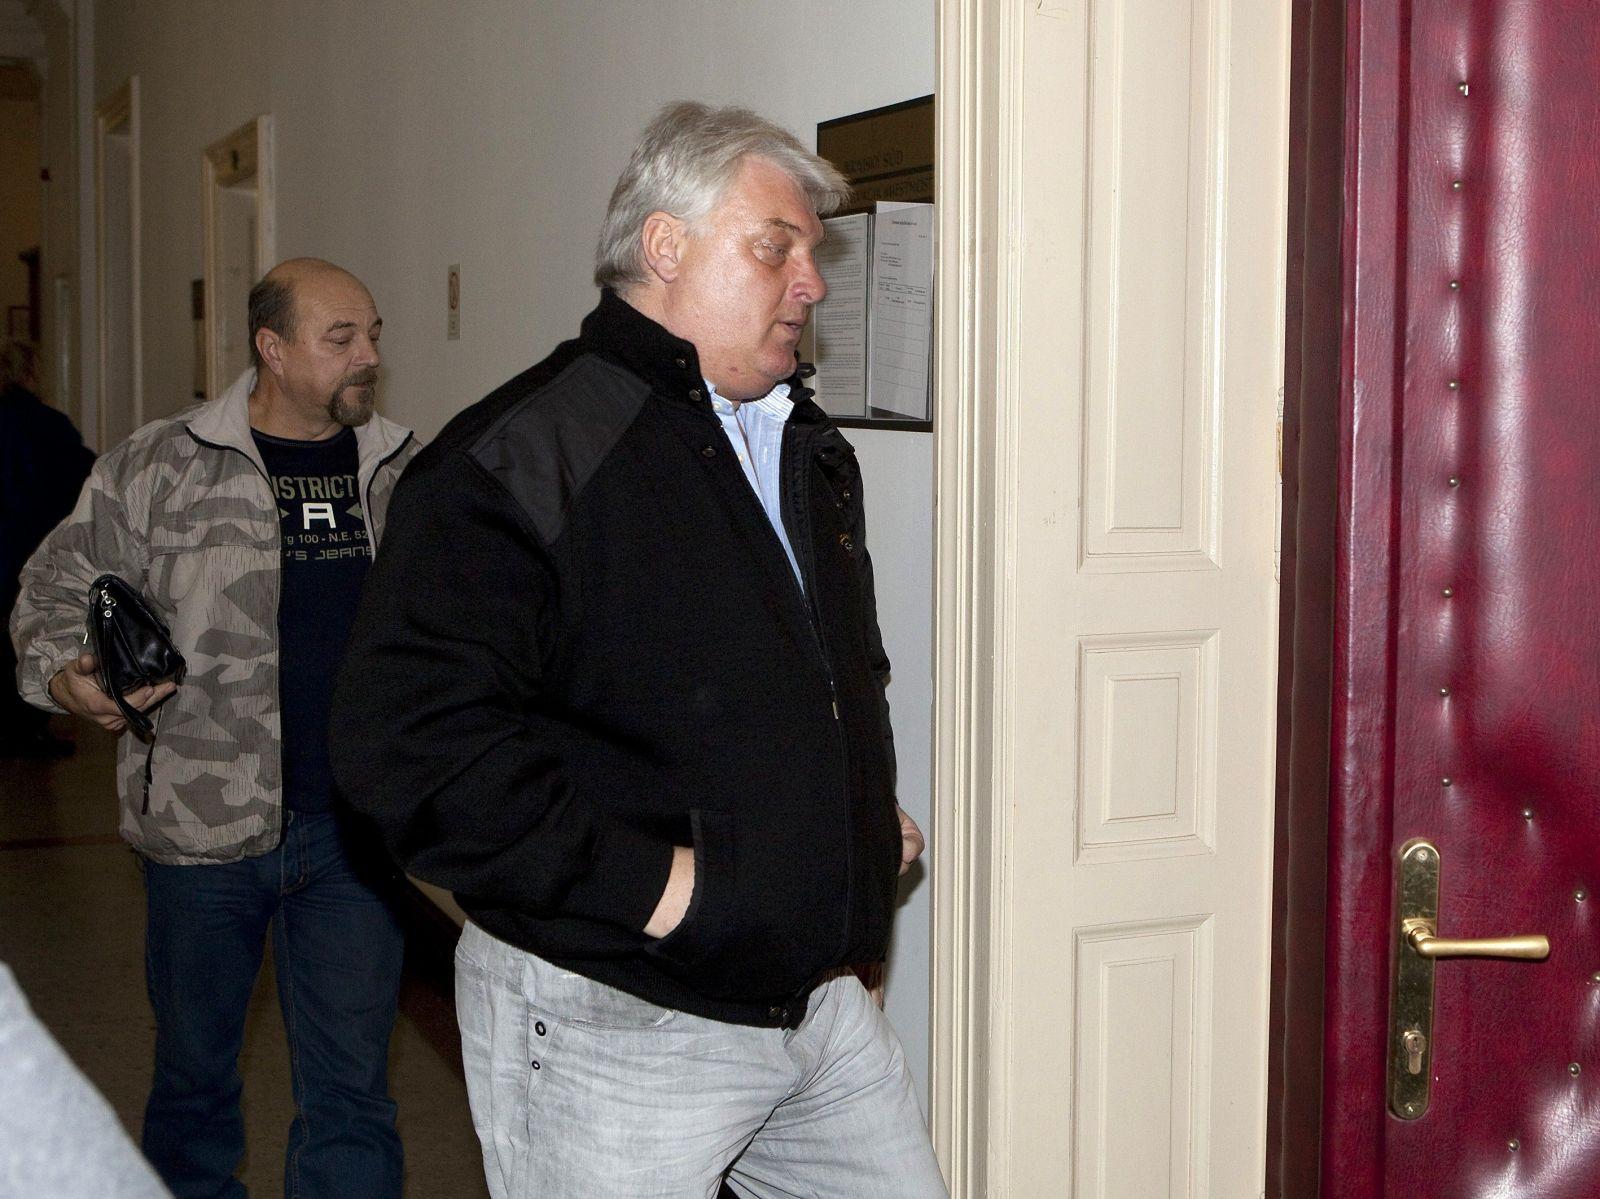 Slovenská lúpež storočia: 173 miliónov korún, 18 rokov súdenia a konflikt s mafiou